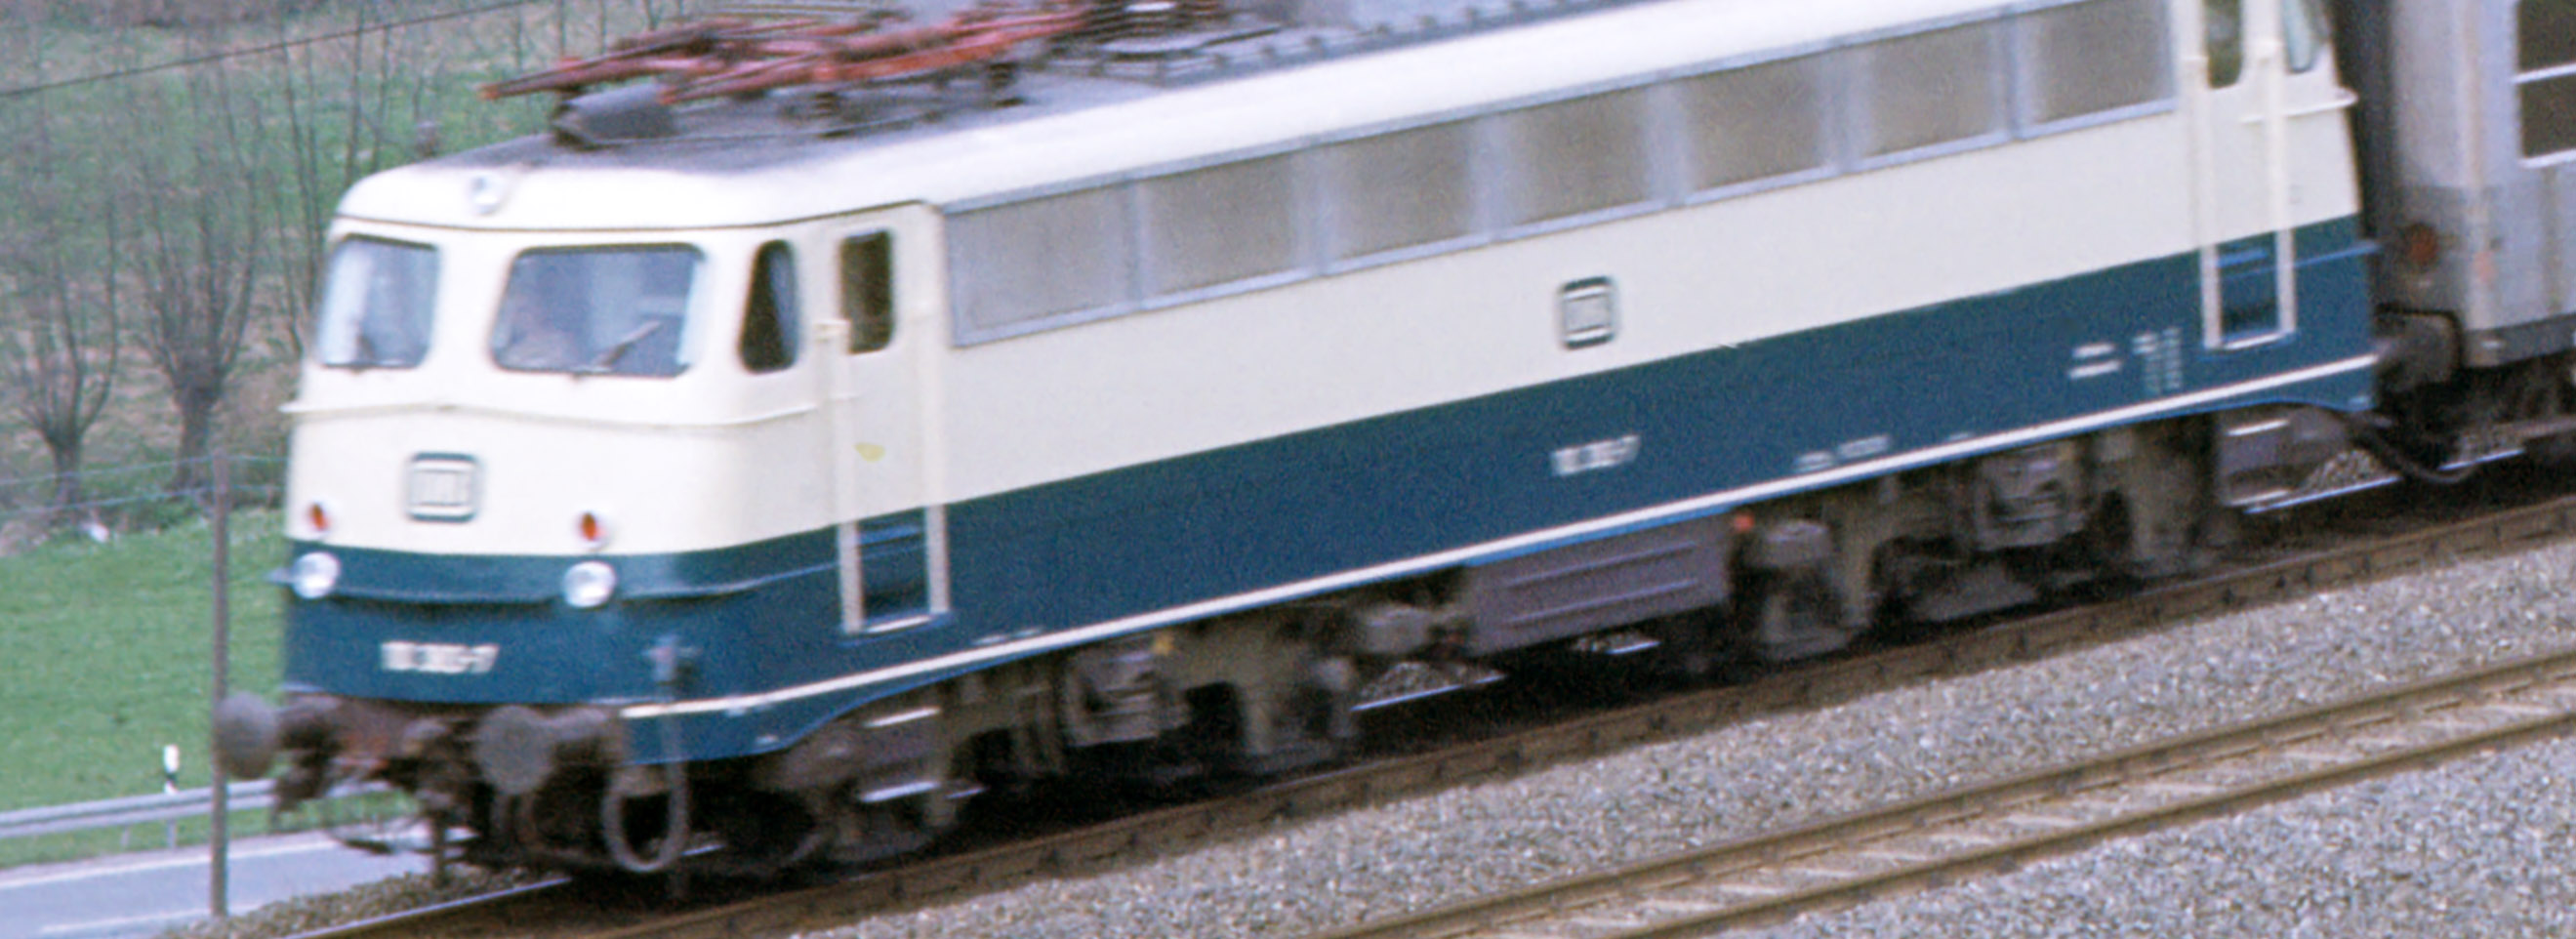 http://www.traktionswandel.de/pics/foren/hifo/fragen/1976-04-15_F27-10_110_E_Viadukt-Altenbeken_aus.jpg